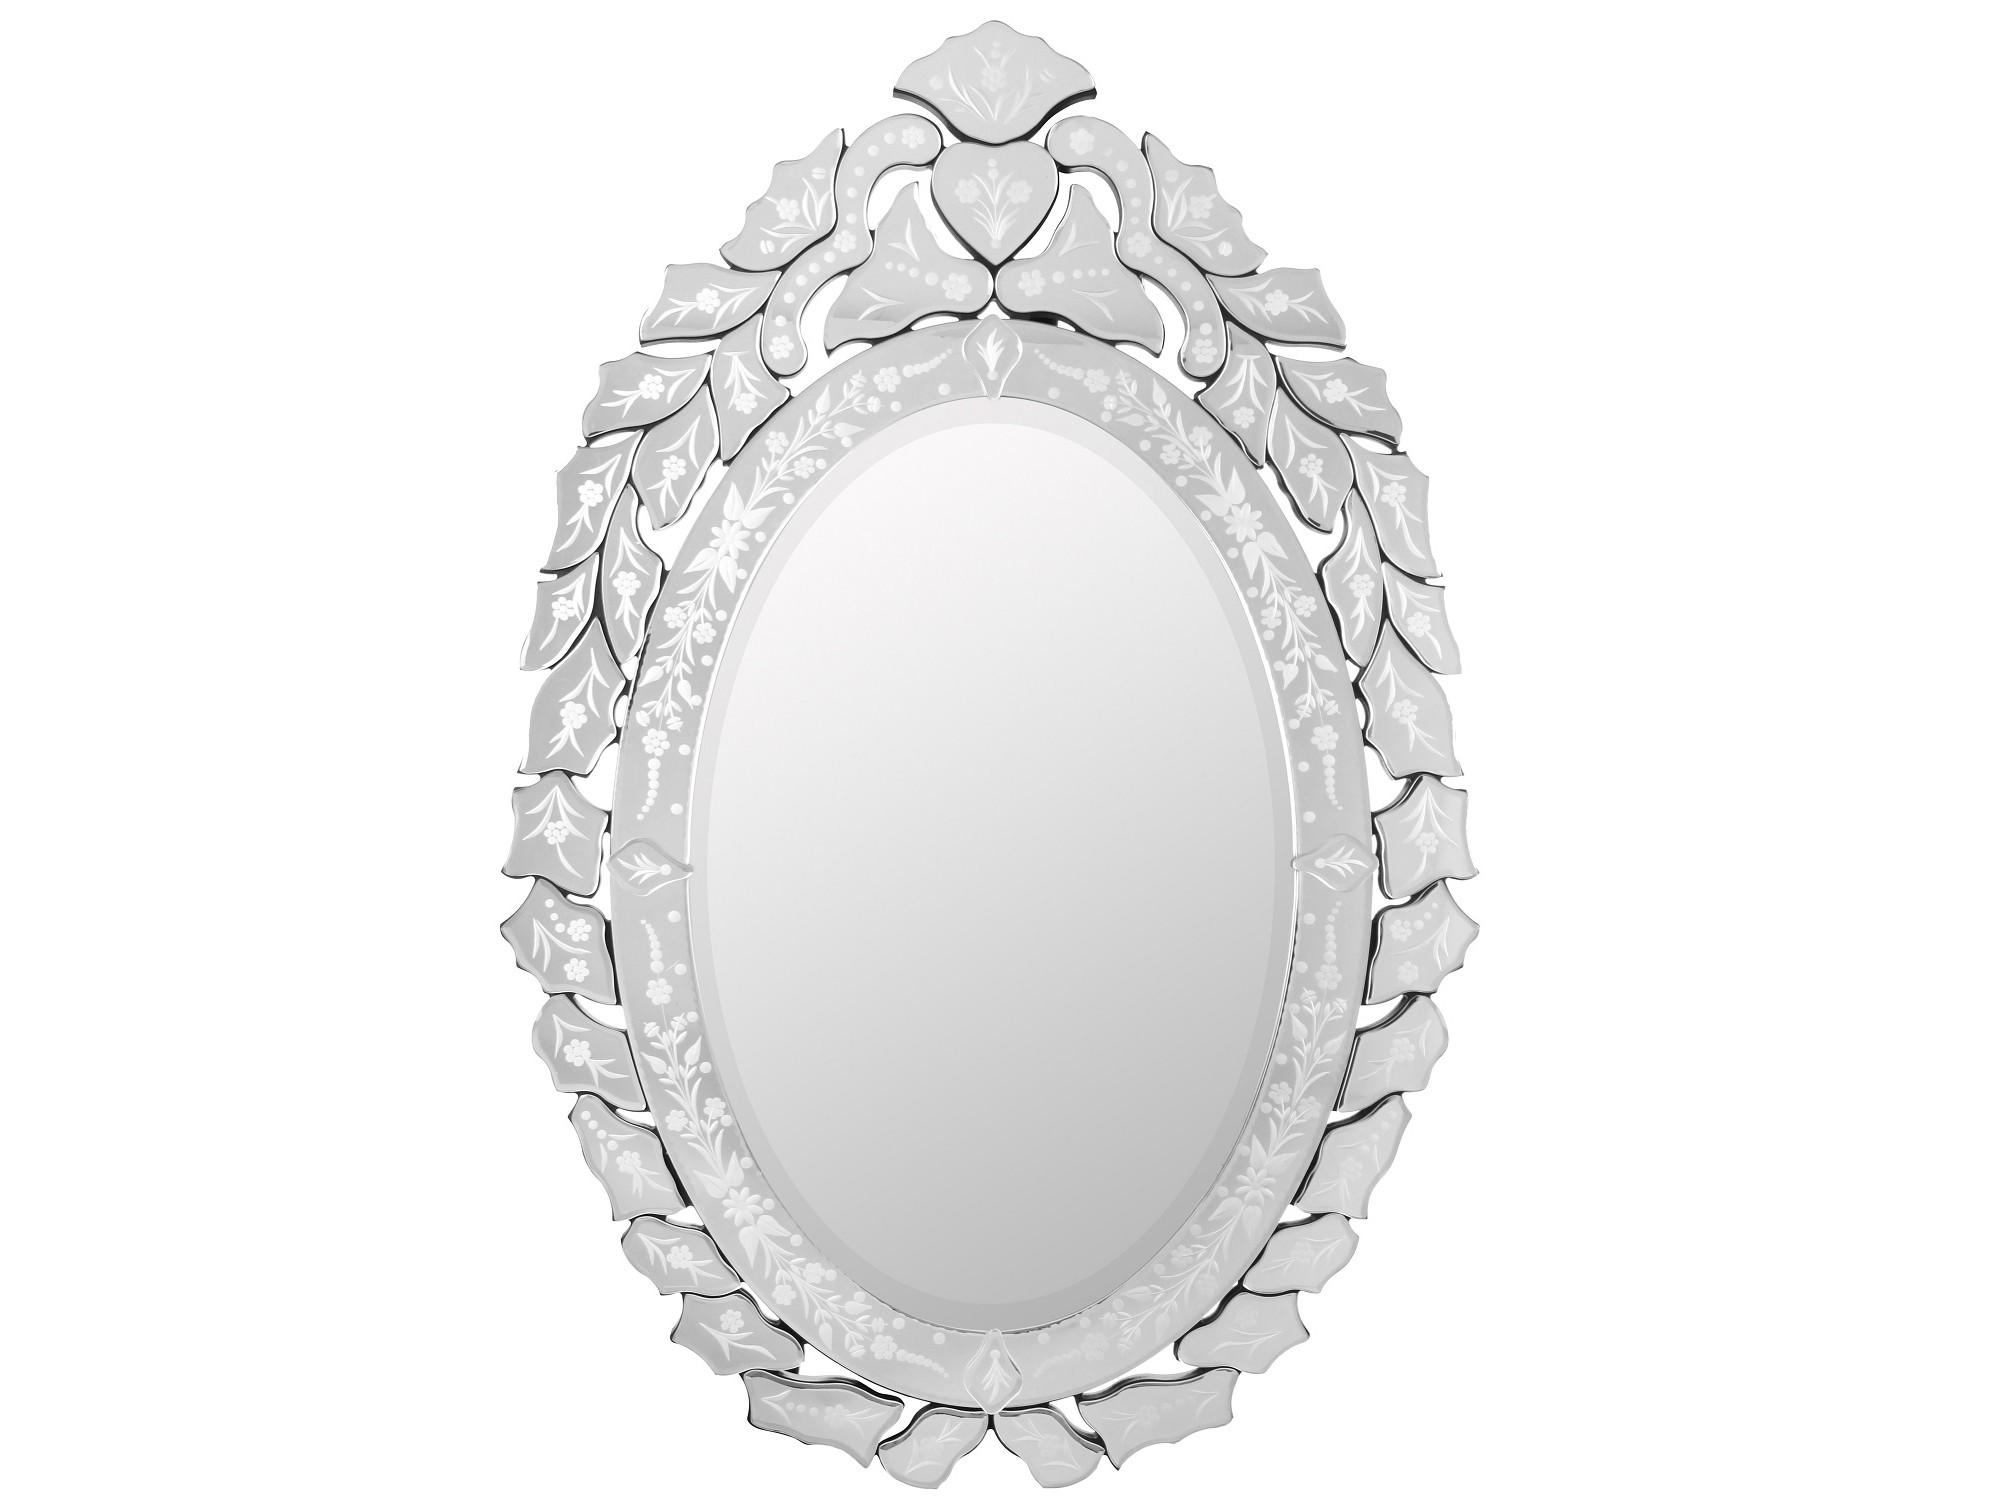 Зеркало LauraНастенные зеркала<br>Материал: Влагостойкое серебряное зеркало<br>Материал рамы: Основа МДФ<br>Цвет зеркала/рамы: Серебро с рисунком<br><br>Размер внешний, с рамой: 62*92 см<br>Размер зеркала без рамы: 37*59,5 см<br><br>Material: Стекло<br>Ширина см: 62.0<br>Высота см: 92.0<br>Глубина см: 3.0